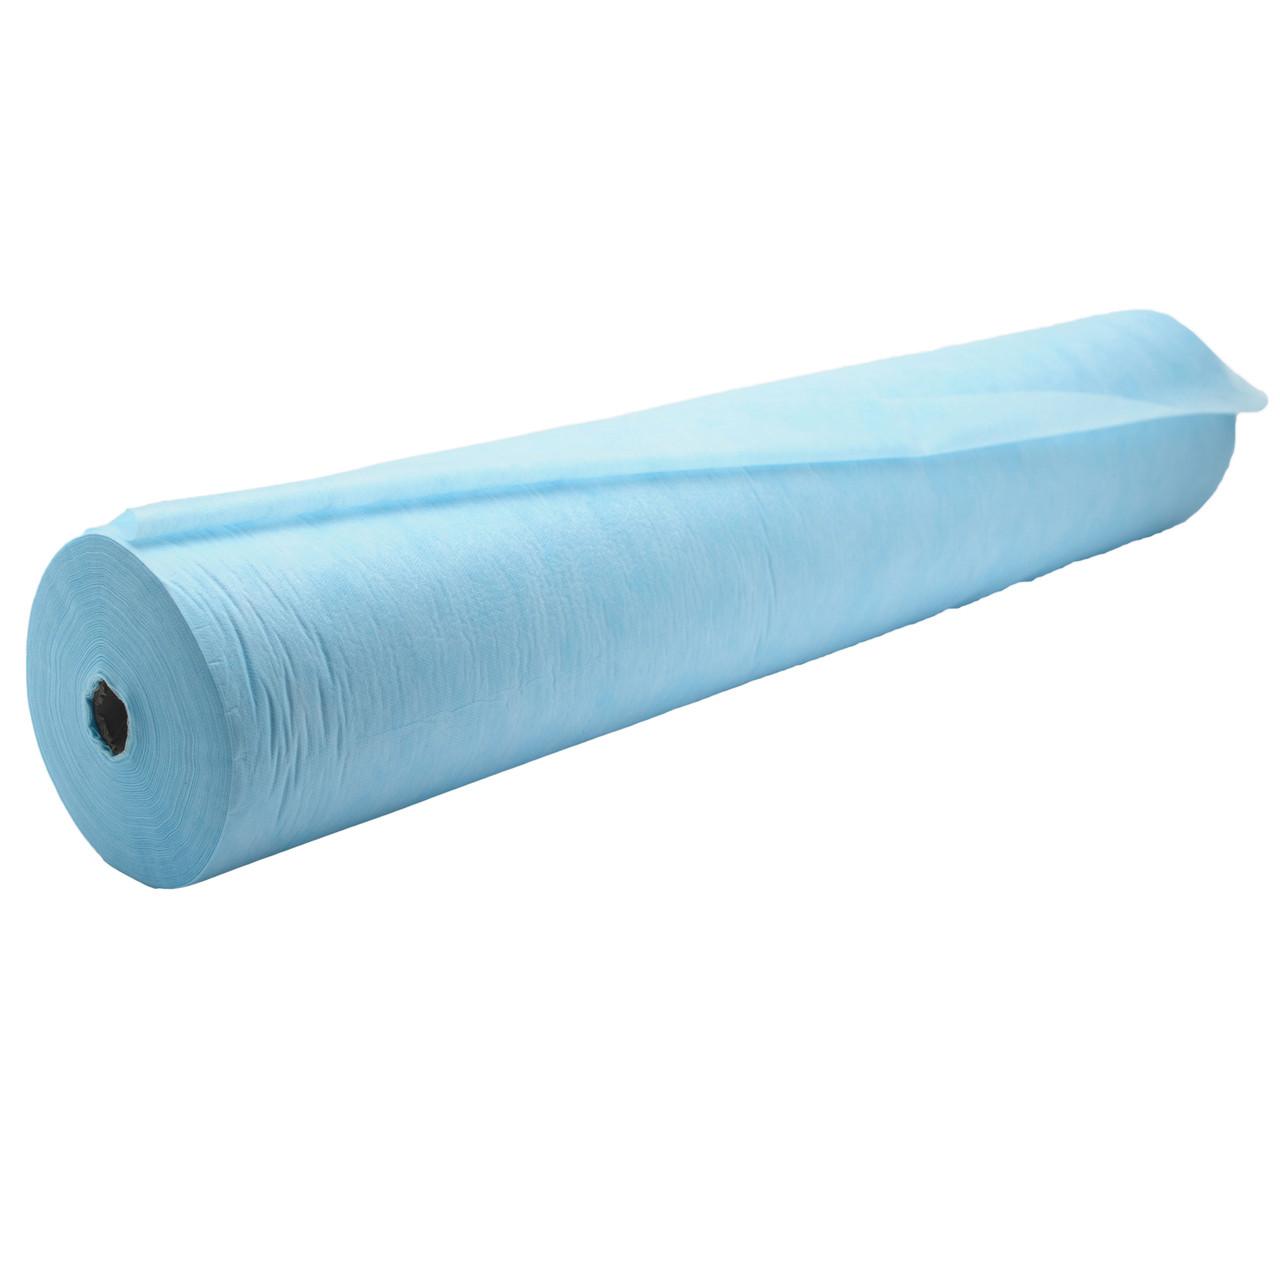 Простынь одноразовая голубая 17-19 г/м2 ширина 600мм